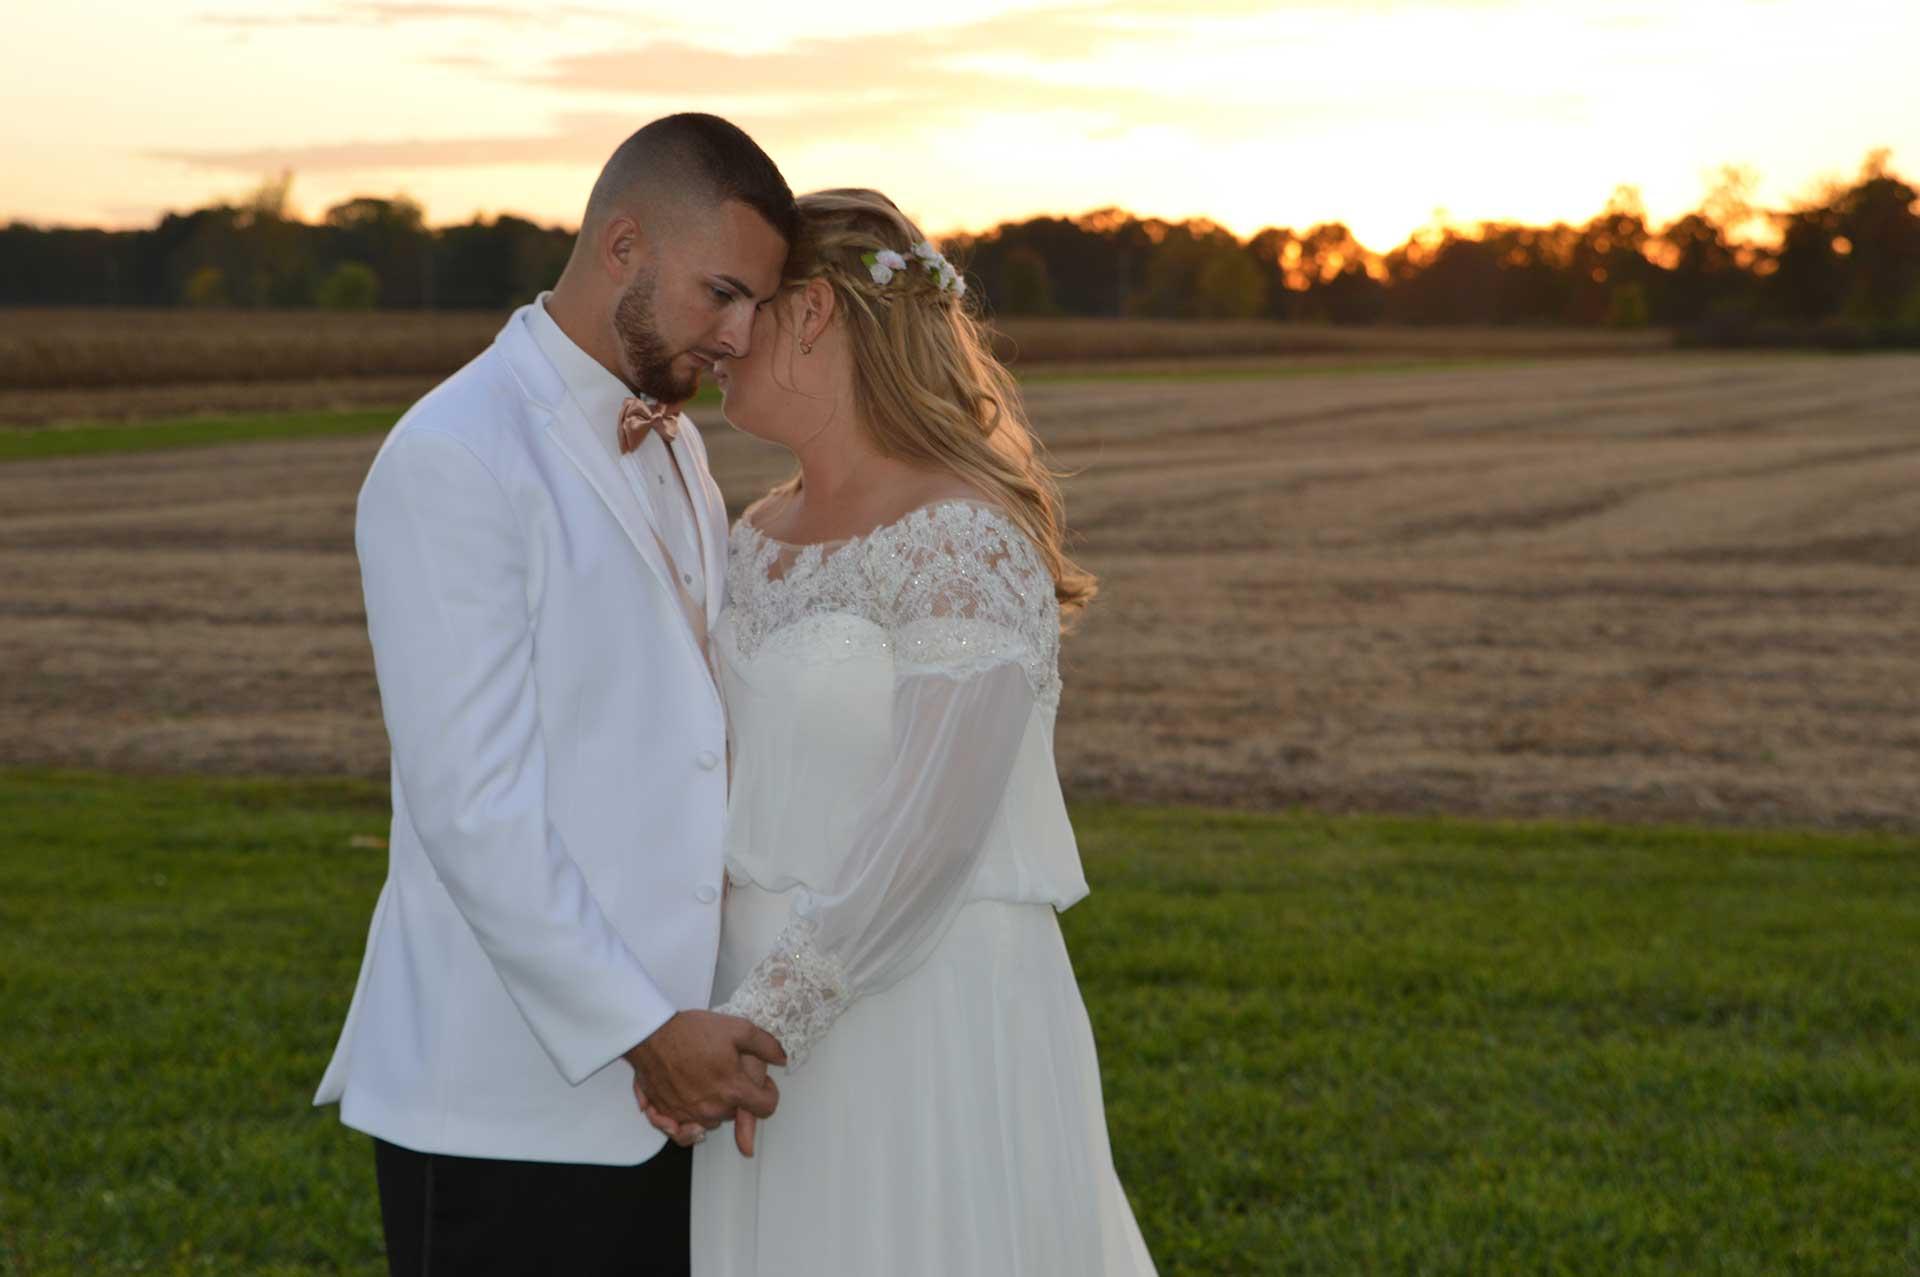 Price Wedding – Family Farm